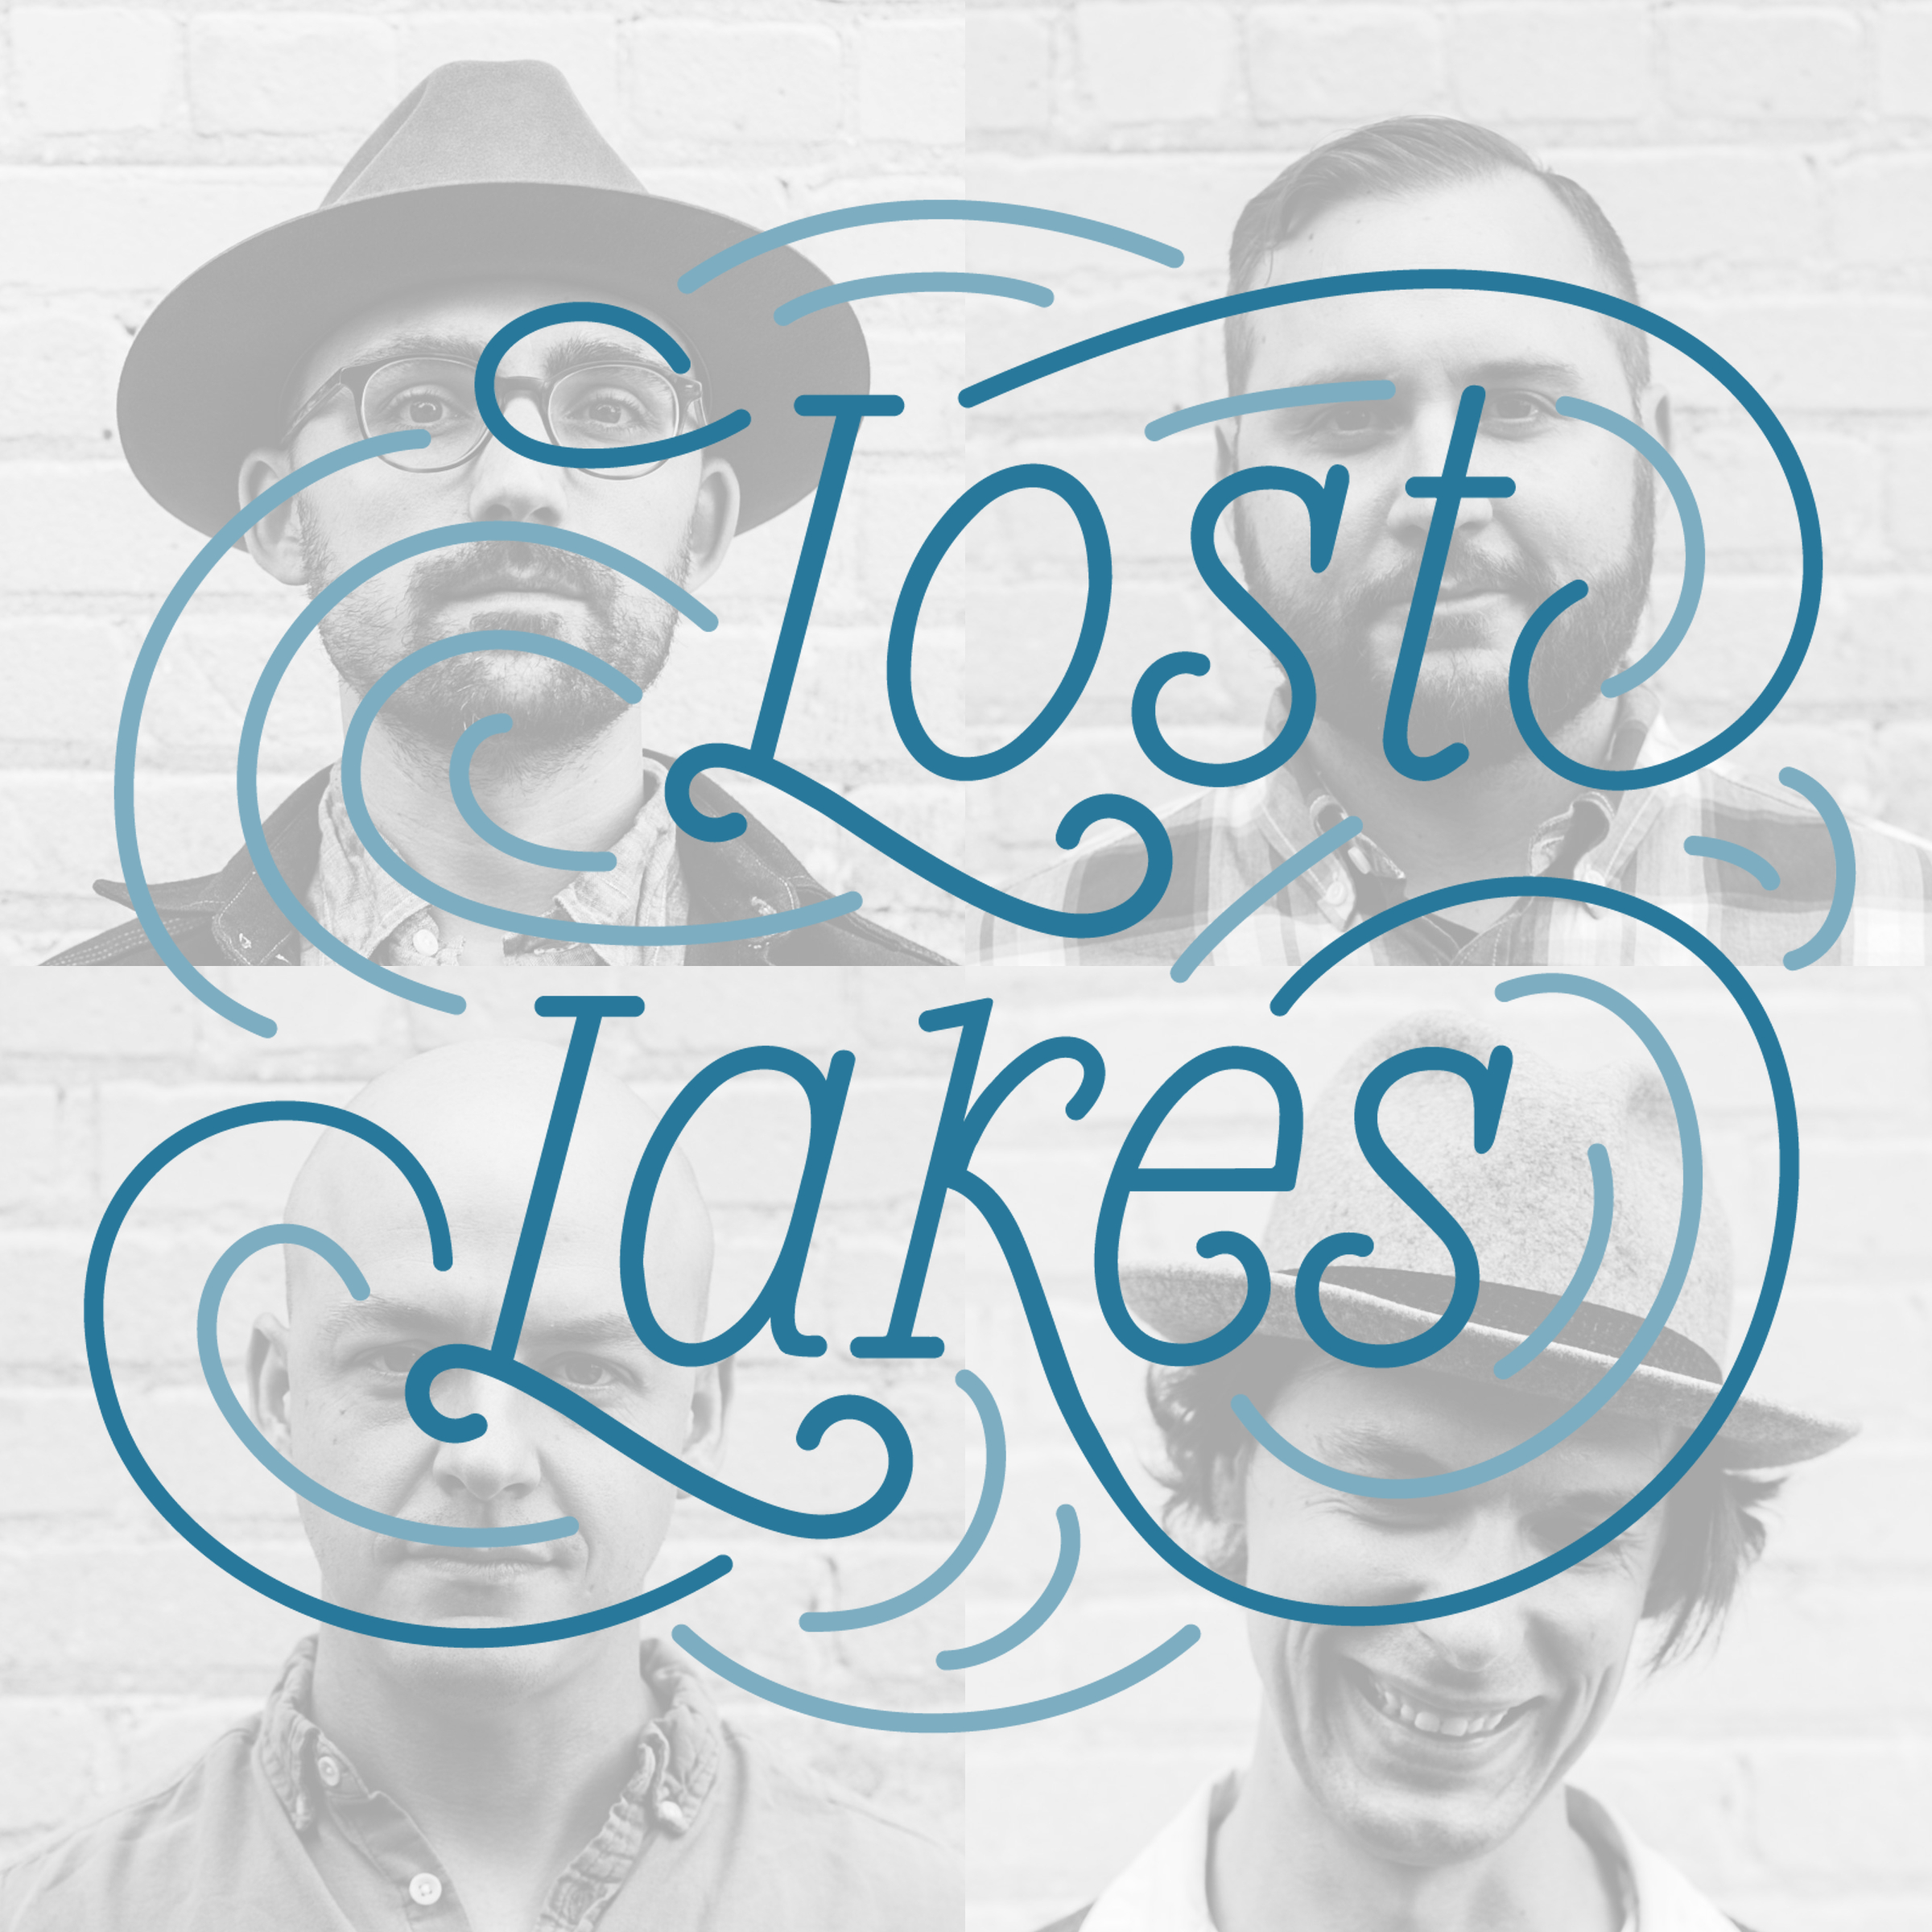 Lost_Lakes_band_4up_logo.jpg